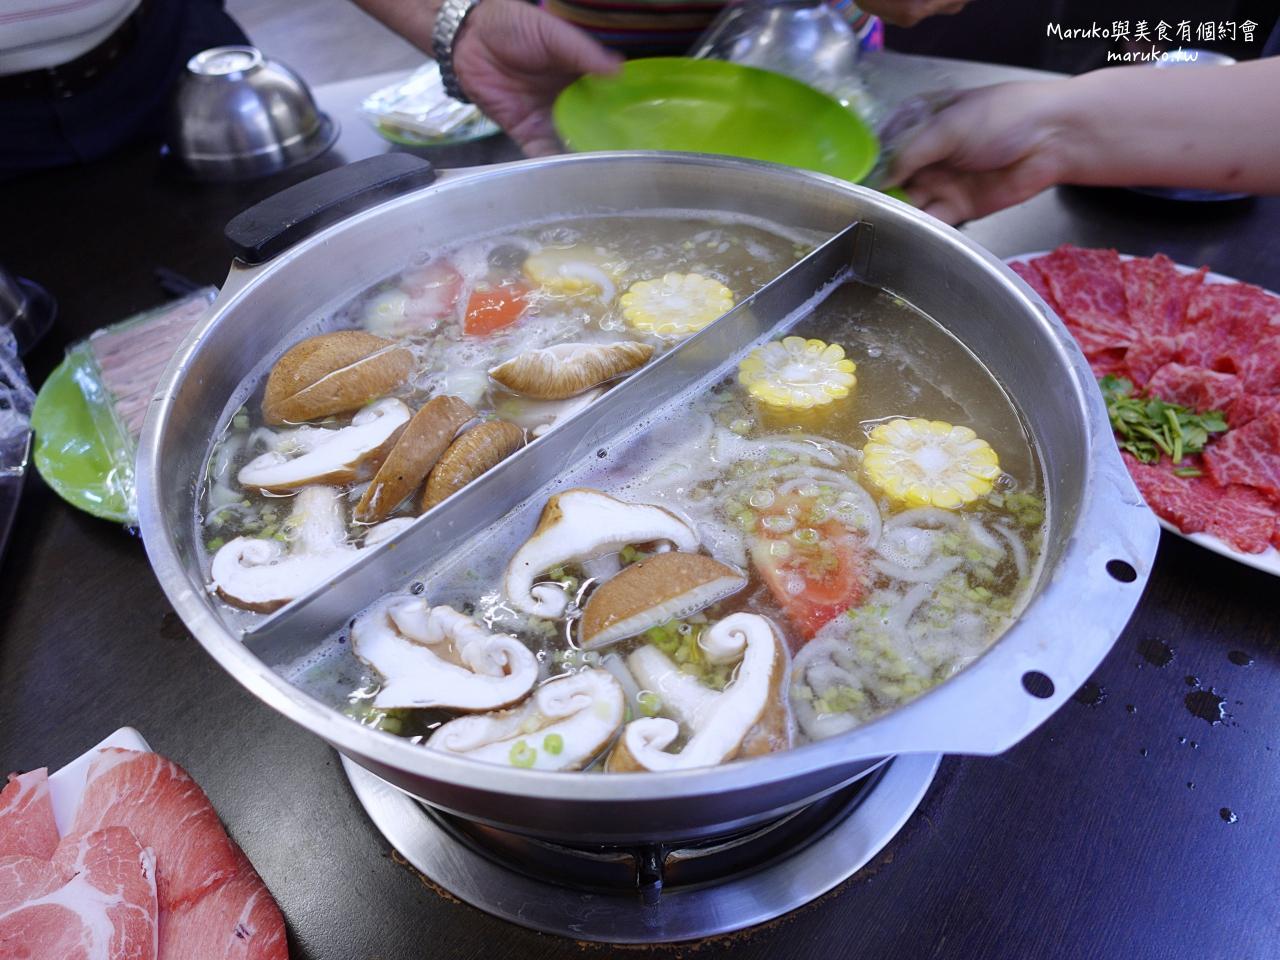 【屏東】隆興汕頭火鍋/在地人的家鄉味沙茶汕頭火鍋/屏東火鍋推薦 @Maruko與美食有個約會